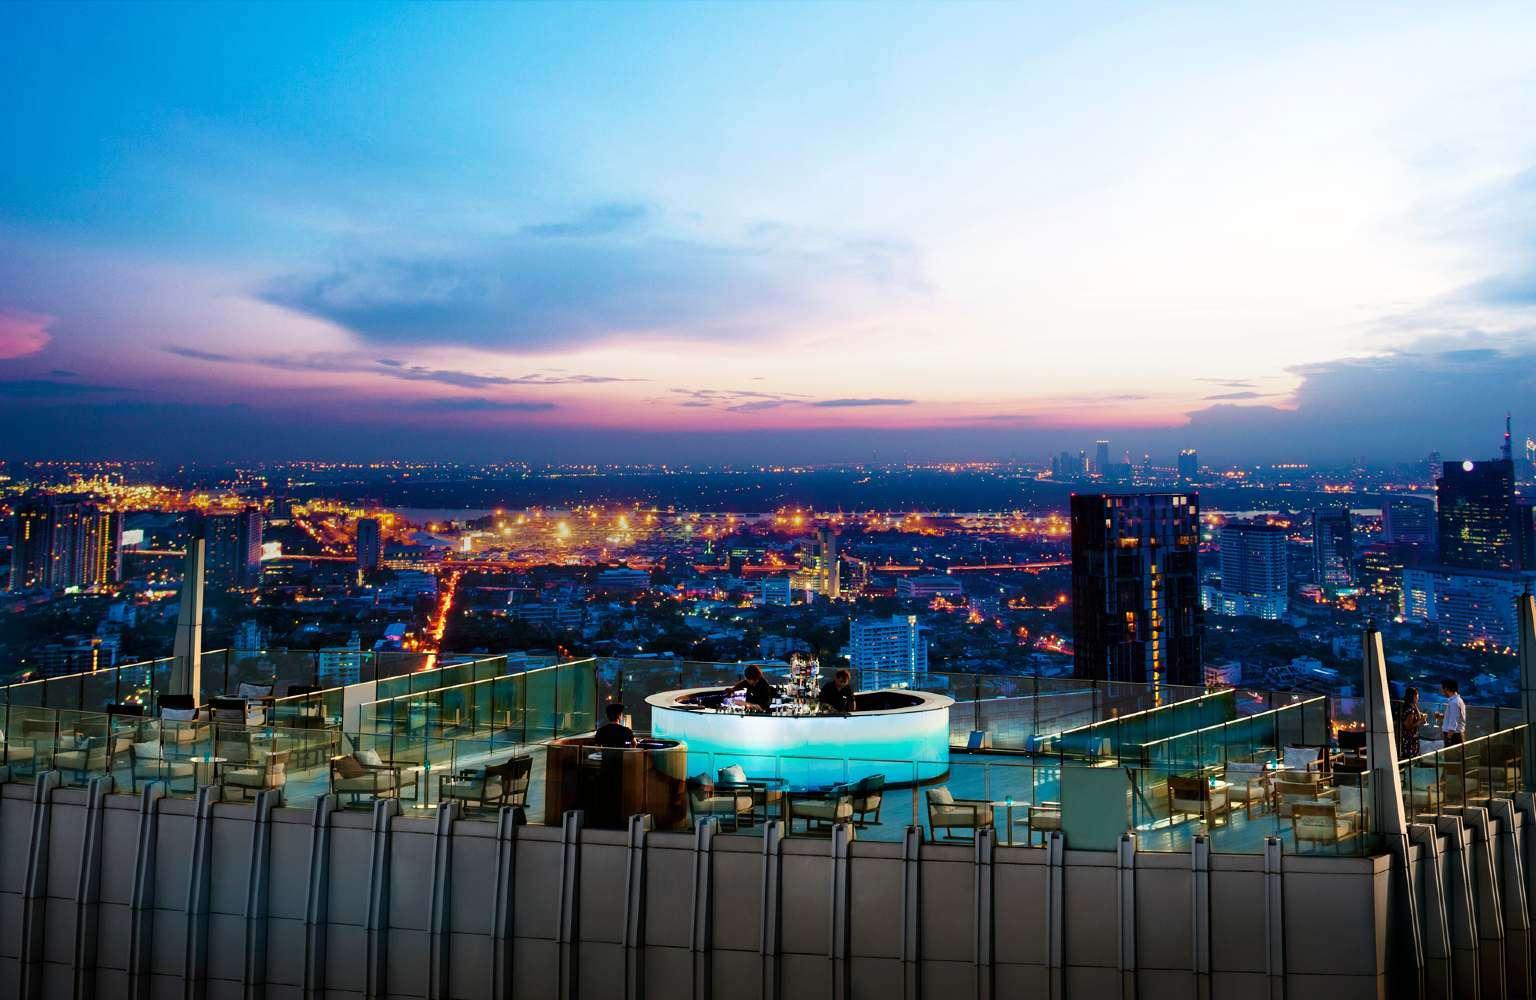 De ronde met neon blauw verlichte bar op het dak van de Octave Sky Bar (Marriott Bangkok)